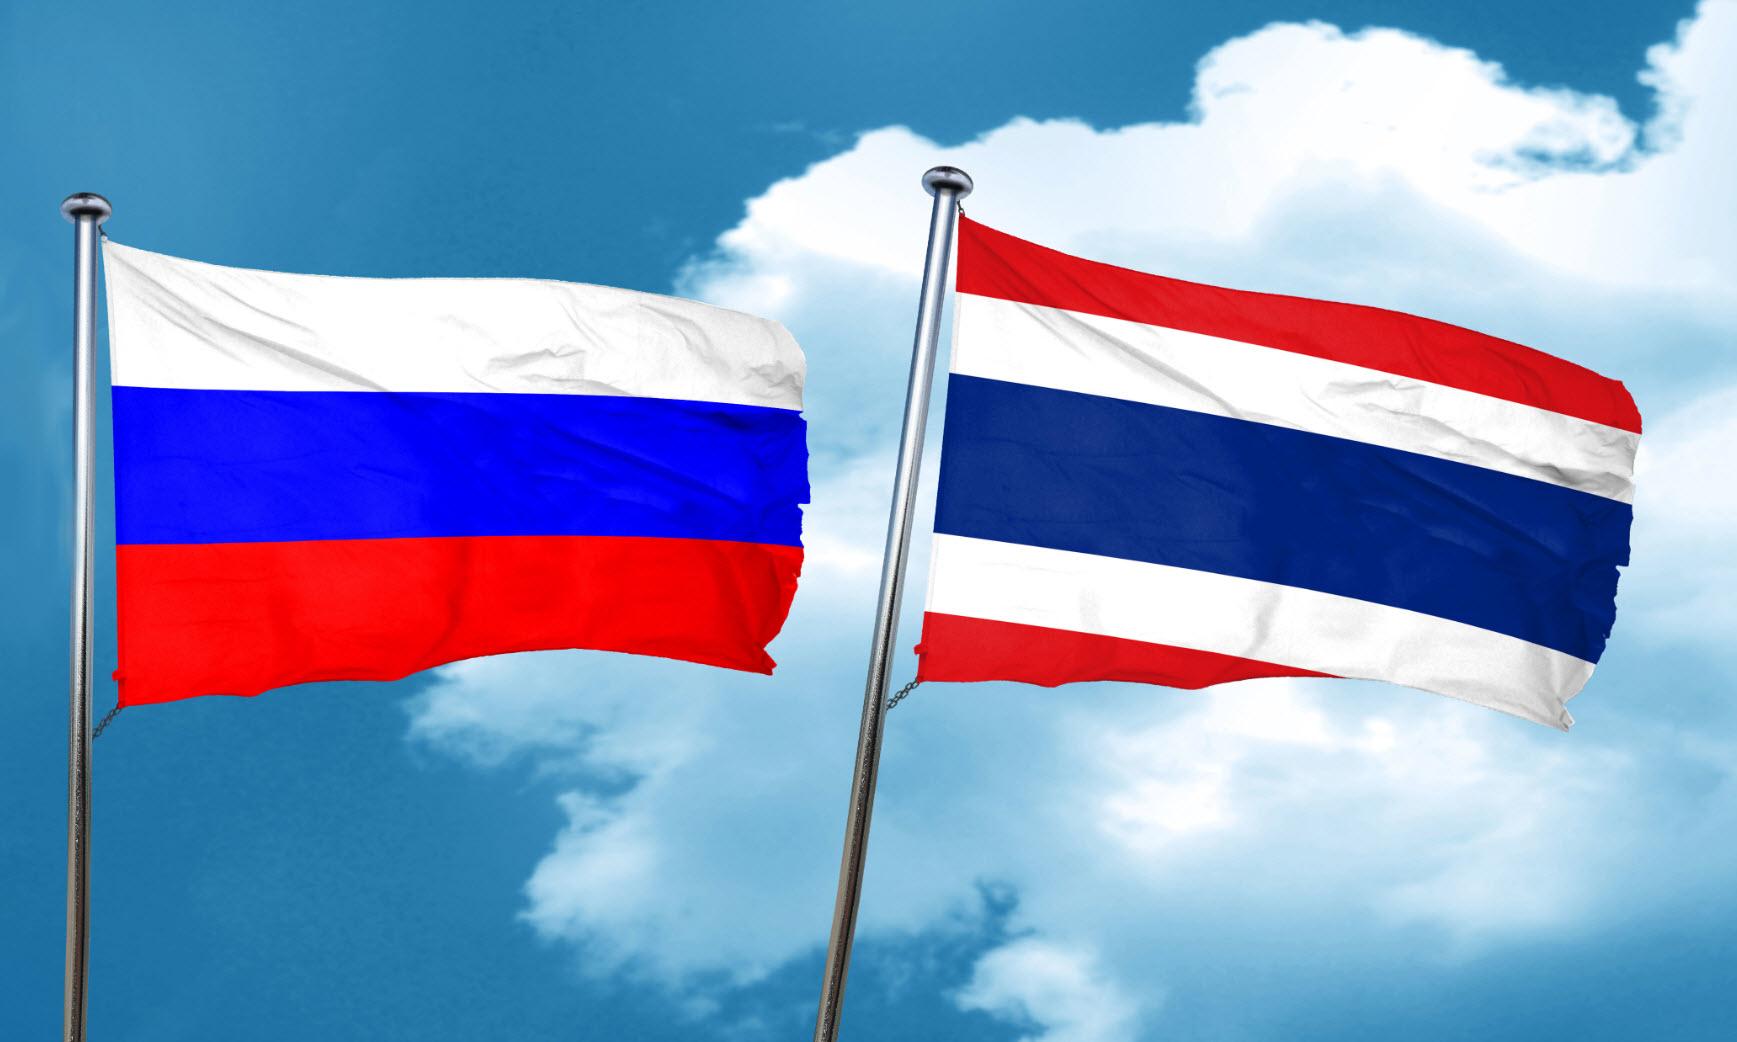 В Таиланде растет спрос на туристические поездки в Россию